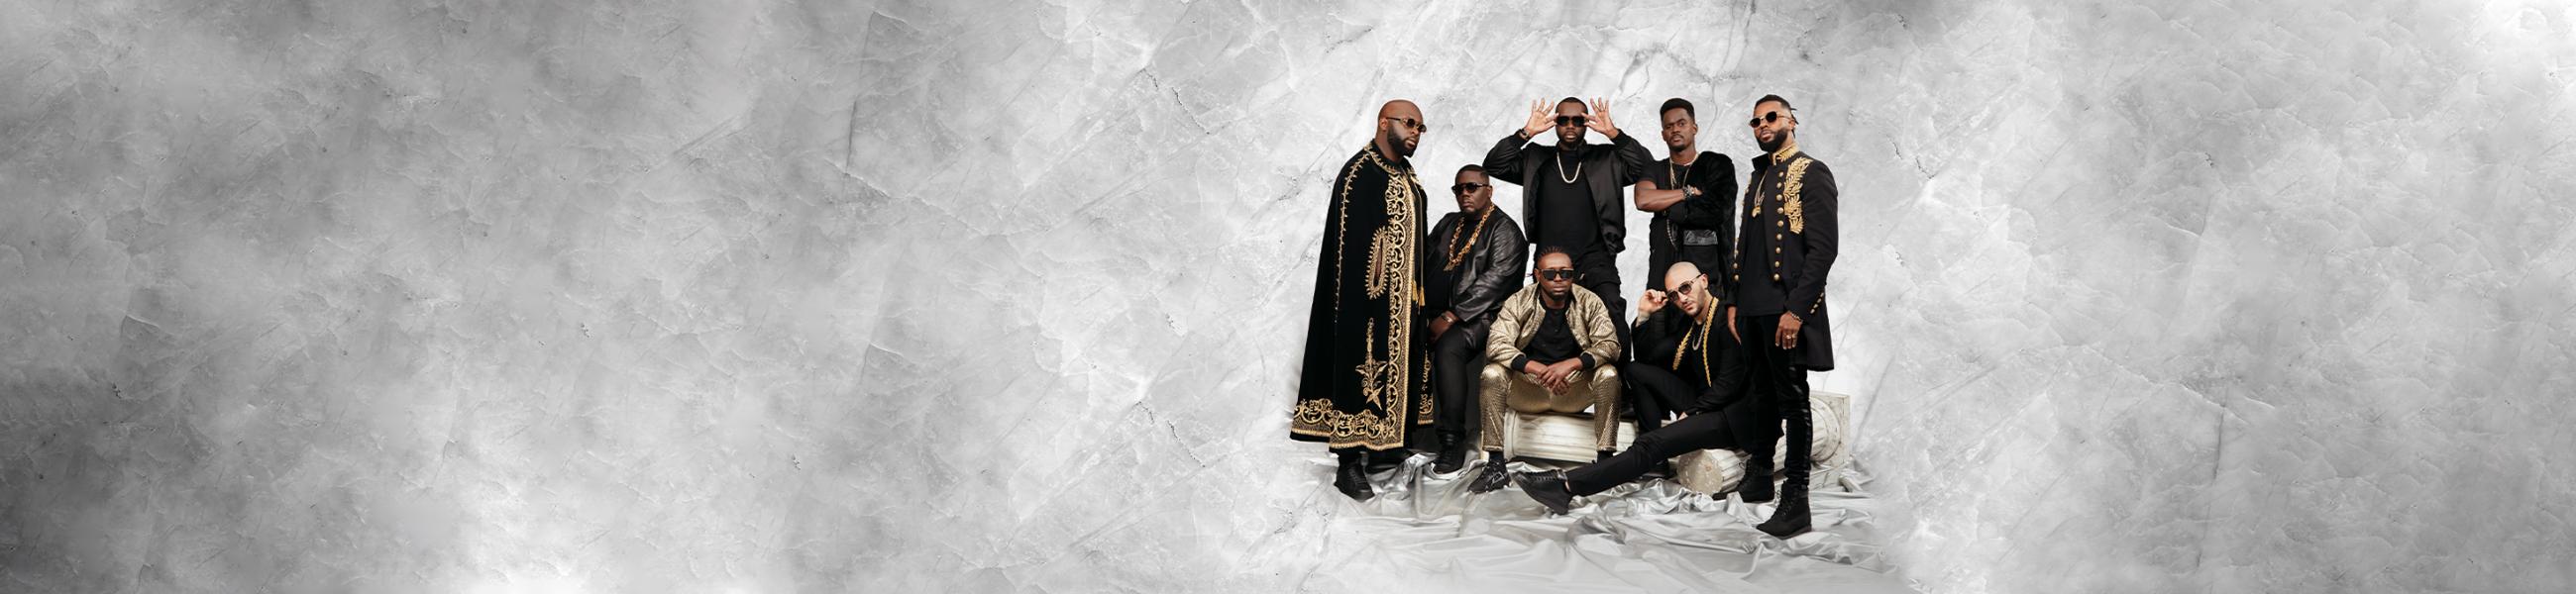 Sexion d'Assaut « le Retour des Rois » photo groupe